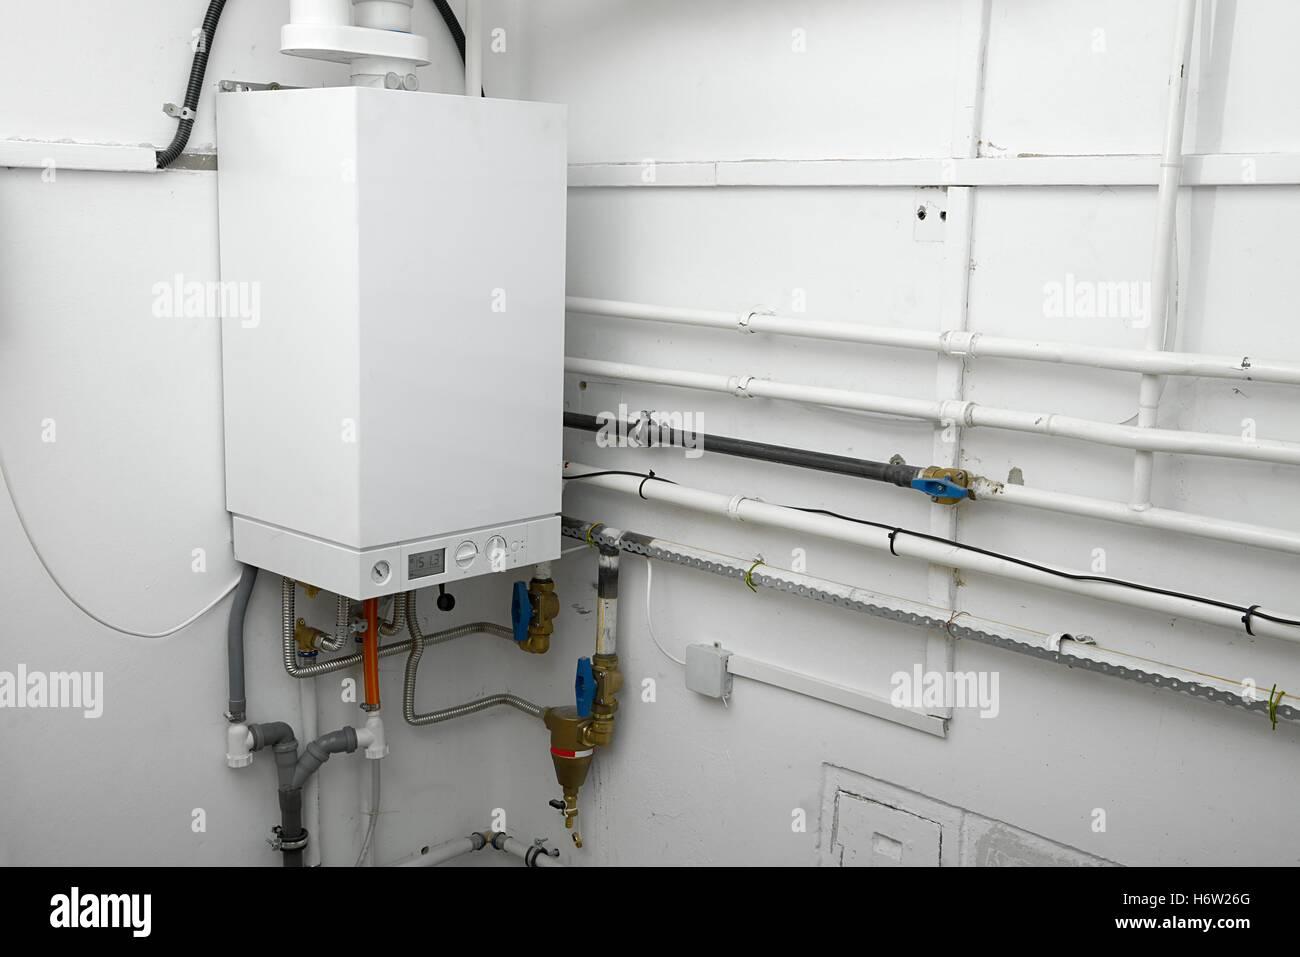 Rohr-Gasheizung Ofen Kessel Rohr Sanitär Systemhaus Komponente ...